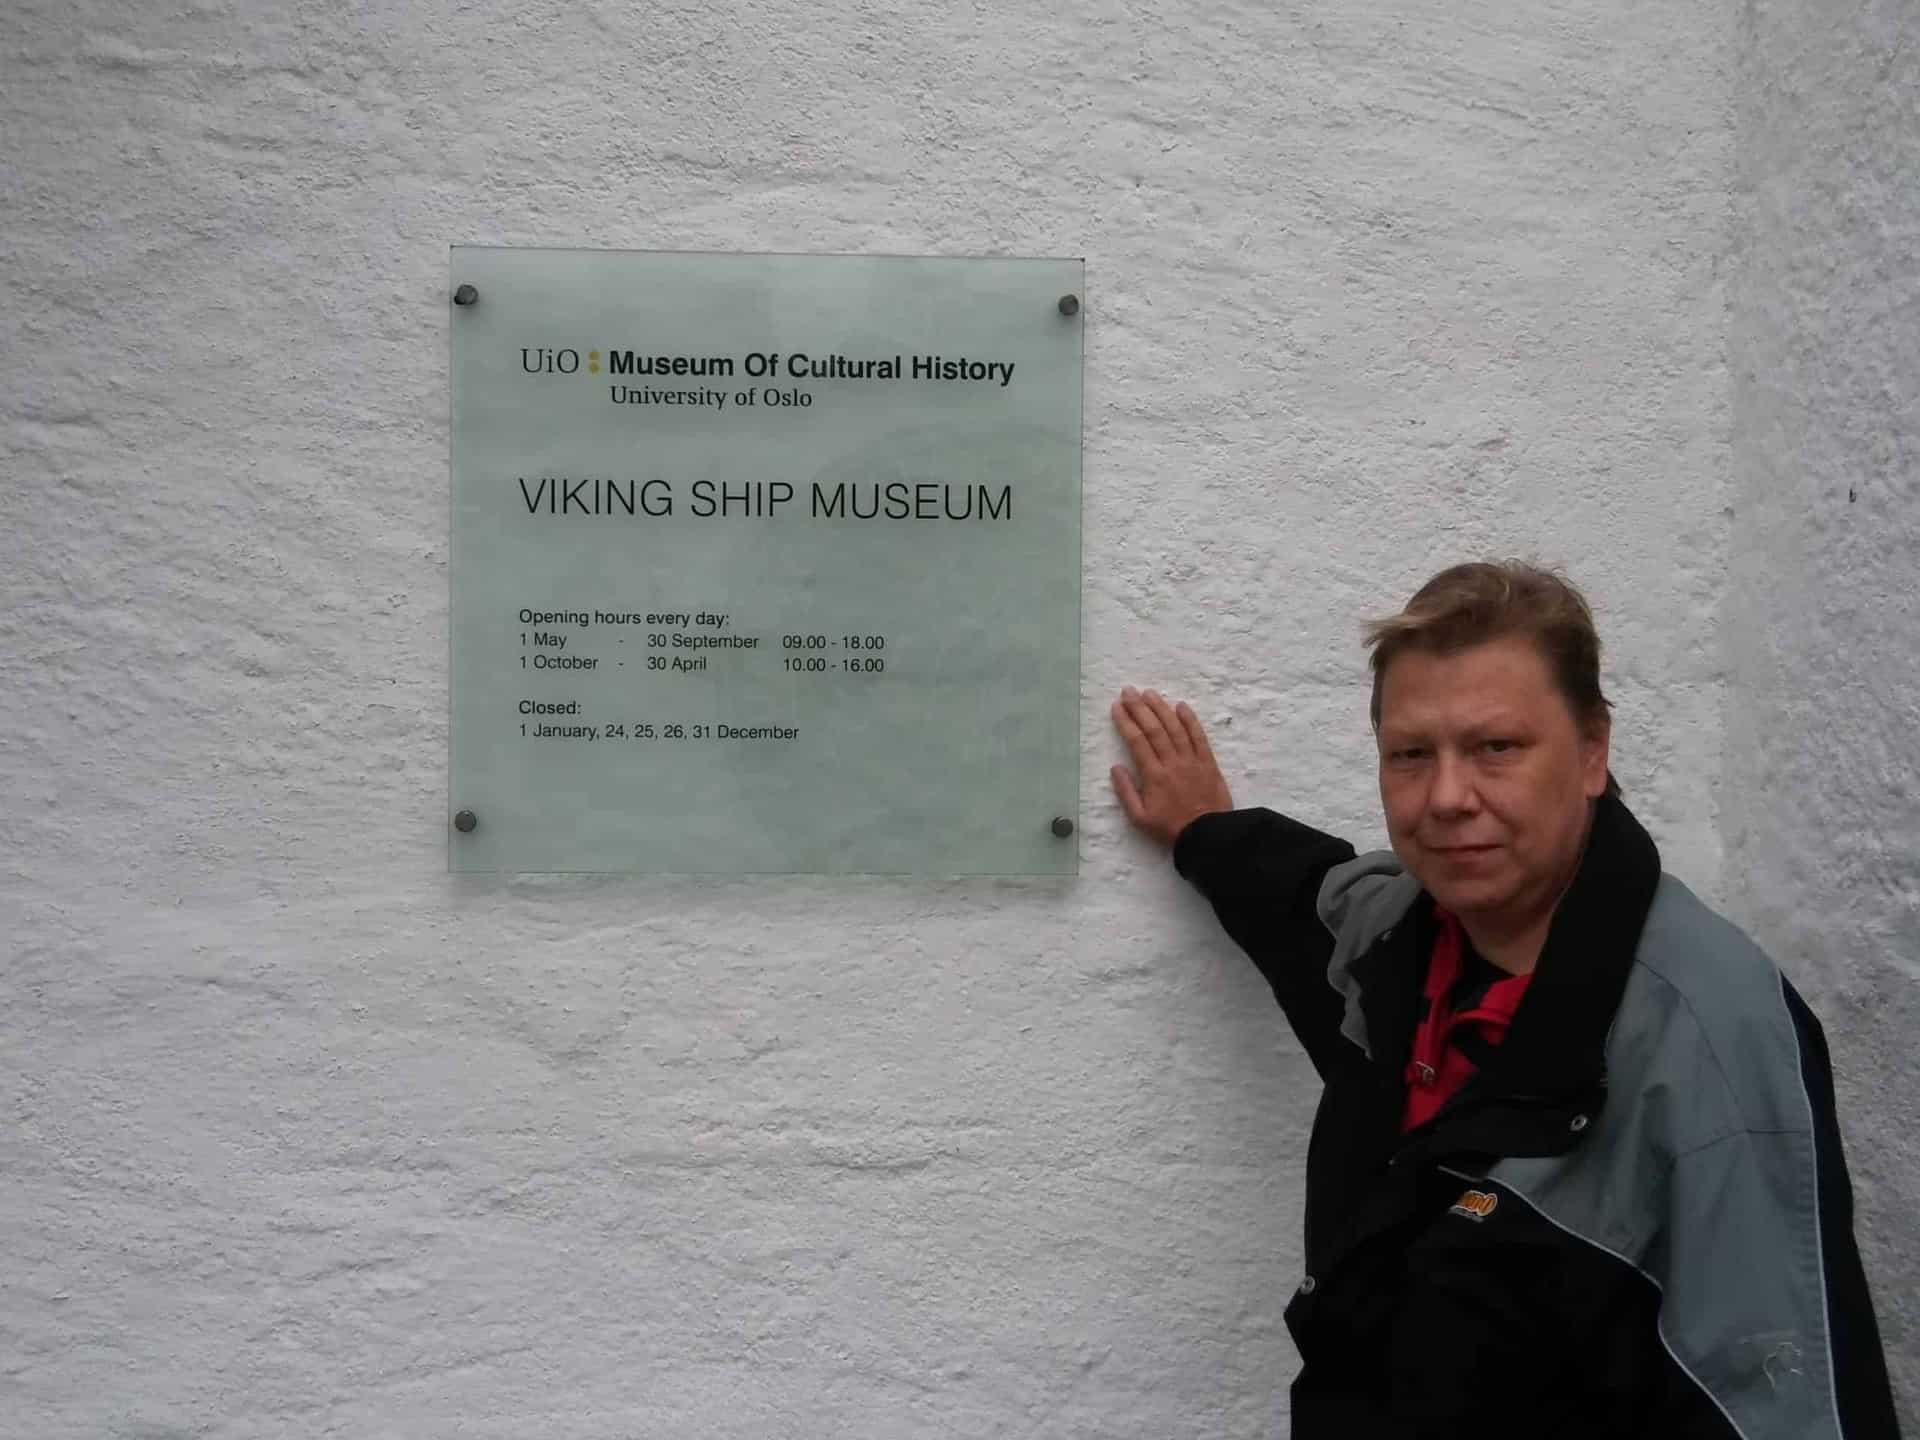 Marlies at Viking ship museum